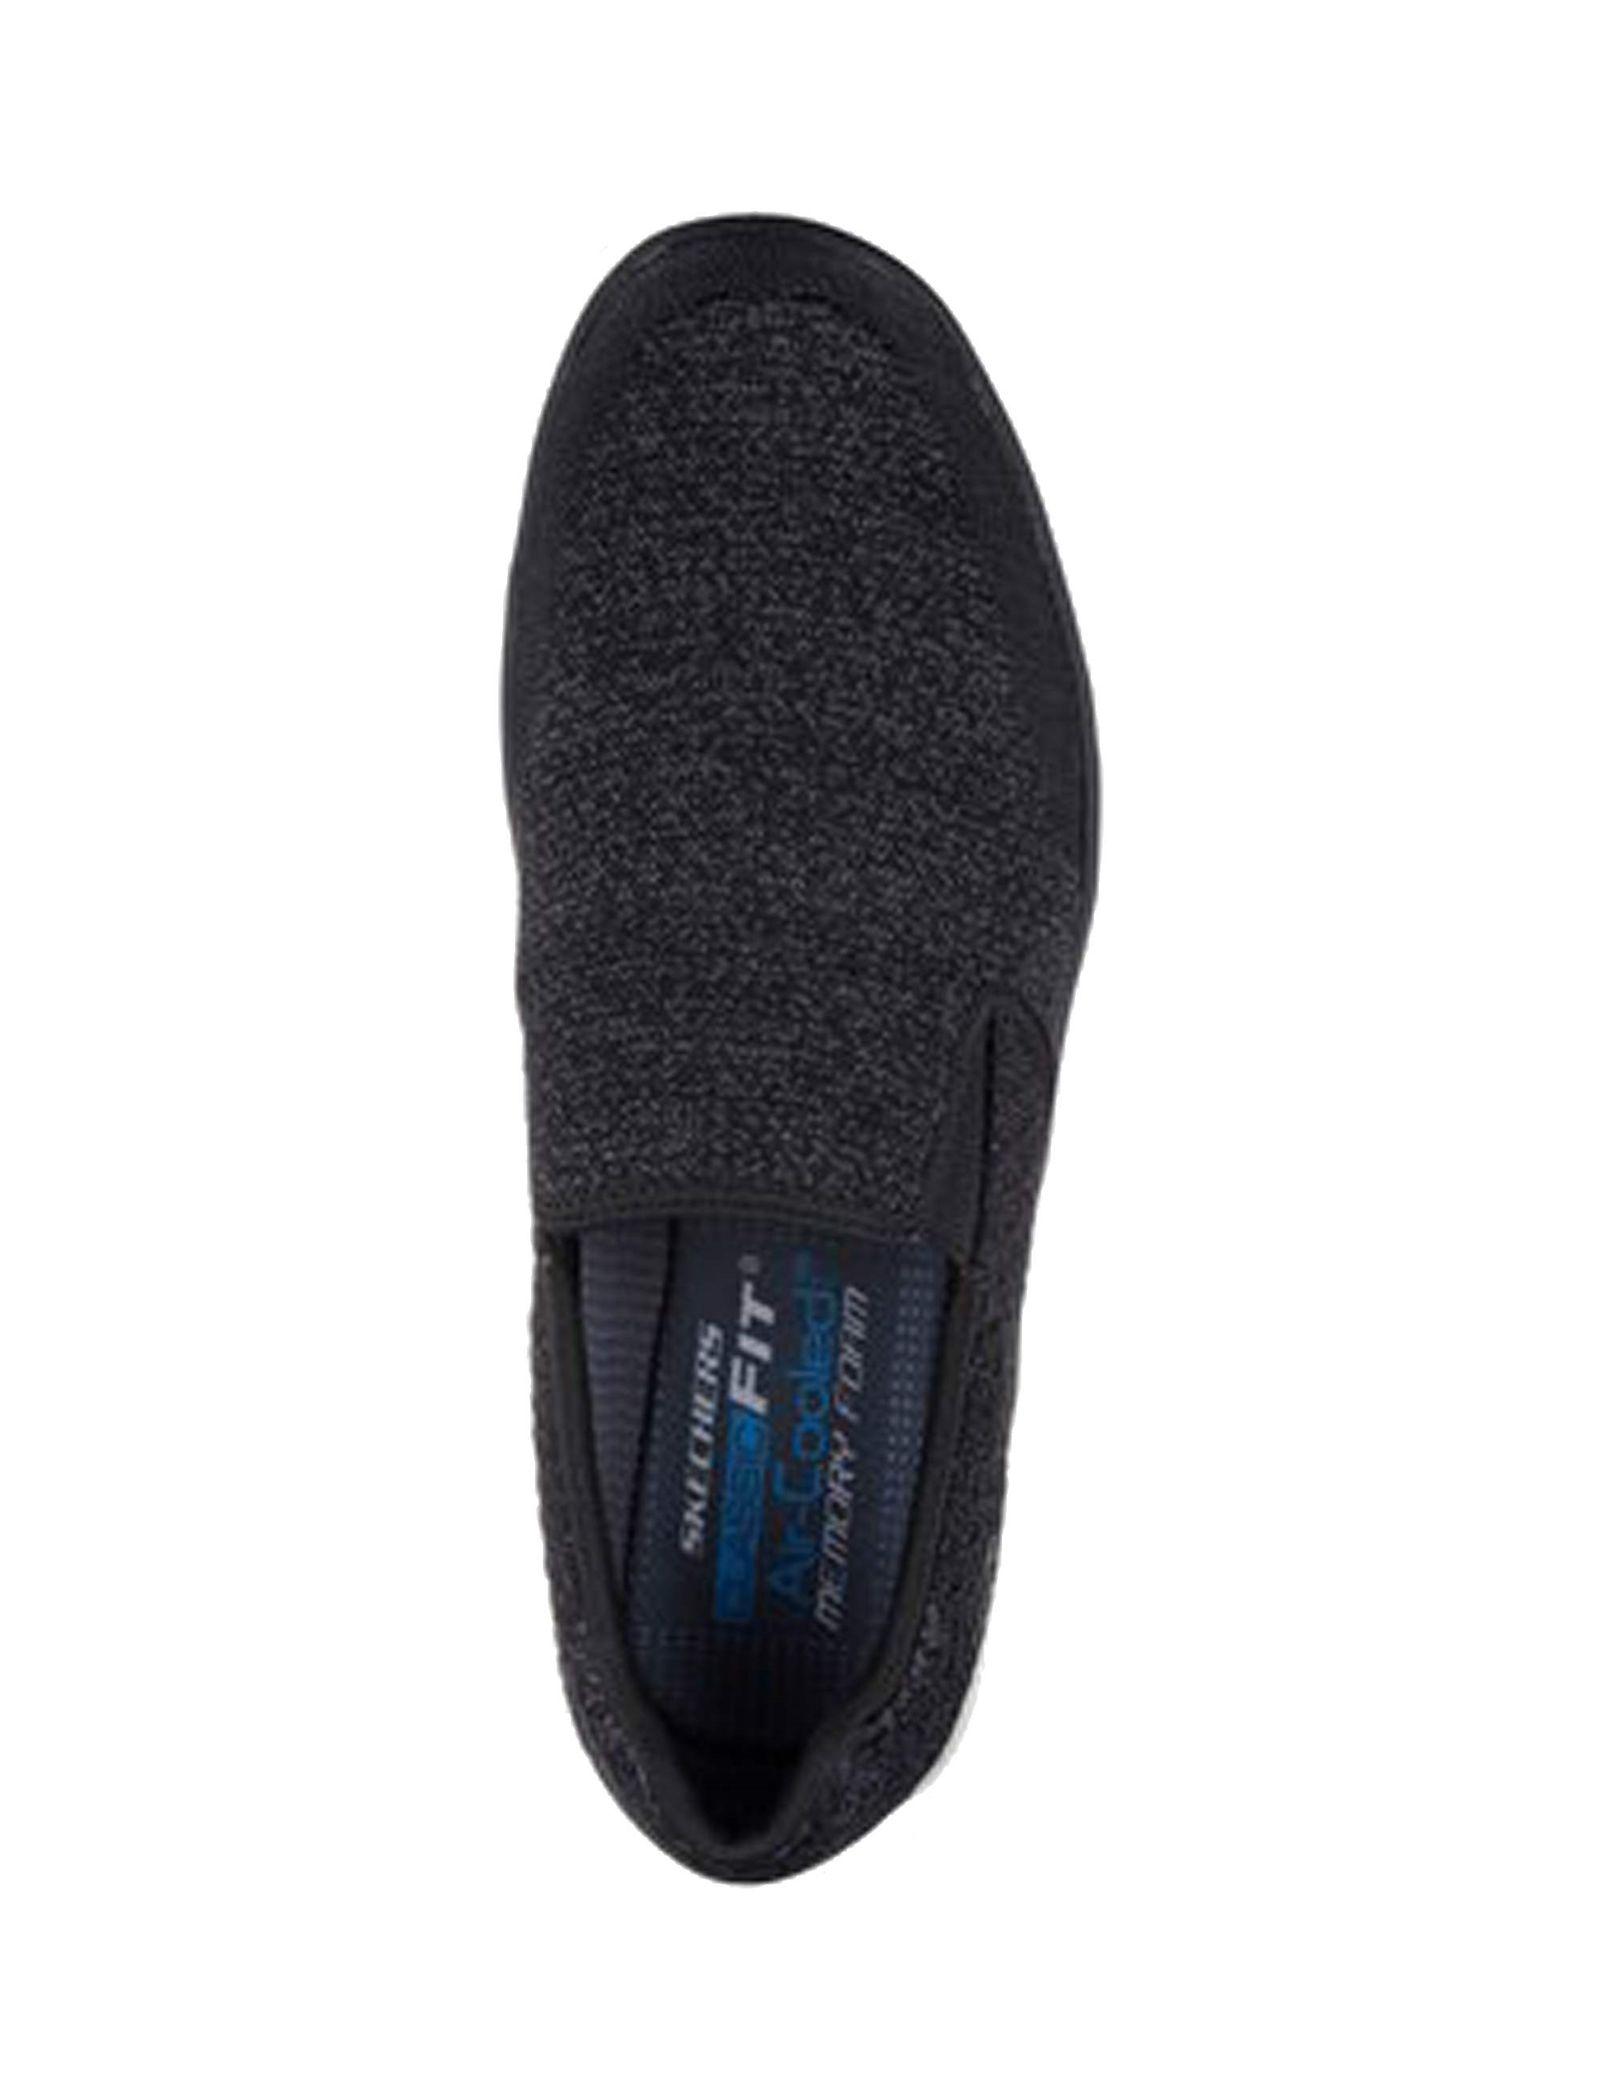 کفش راحتی پارچه ای مردانه Boyar Meber - اسکچرز - مشکي - 2